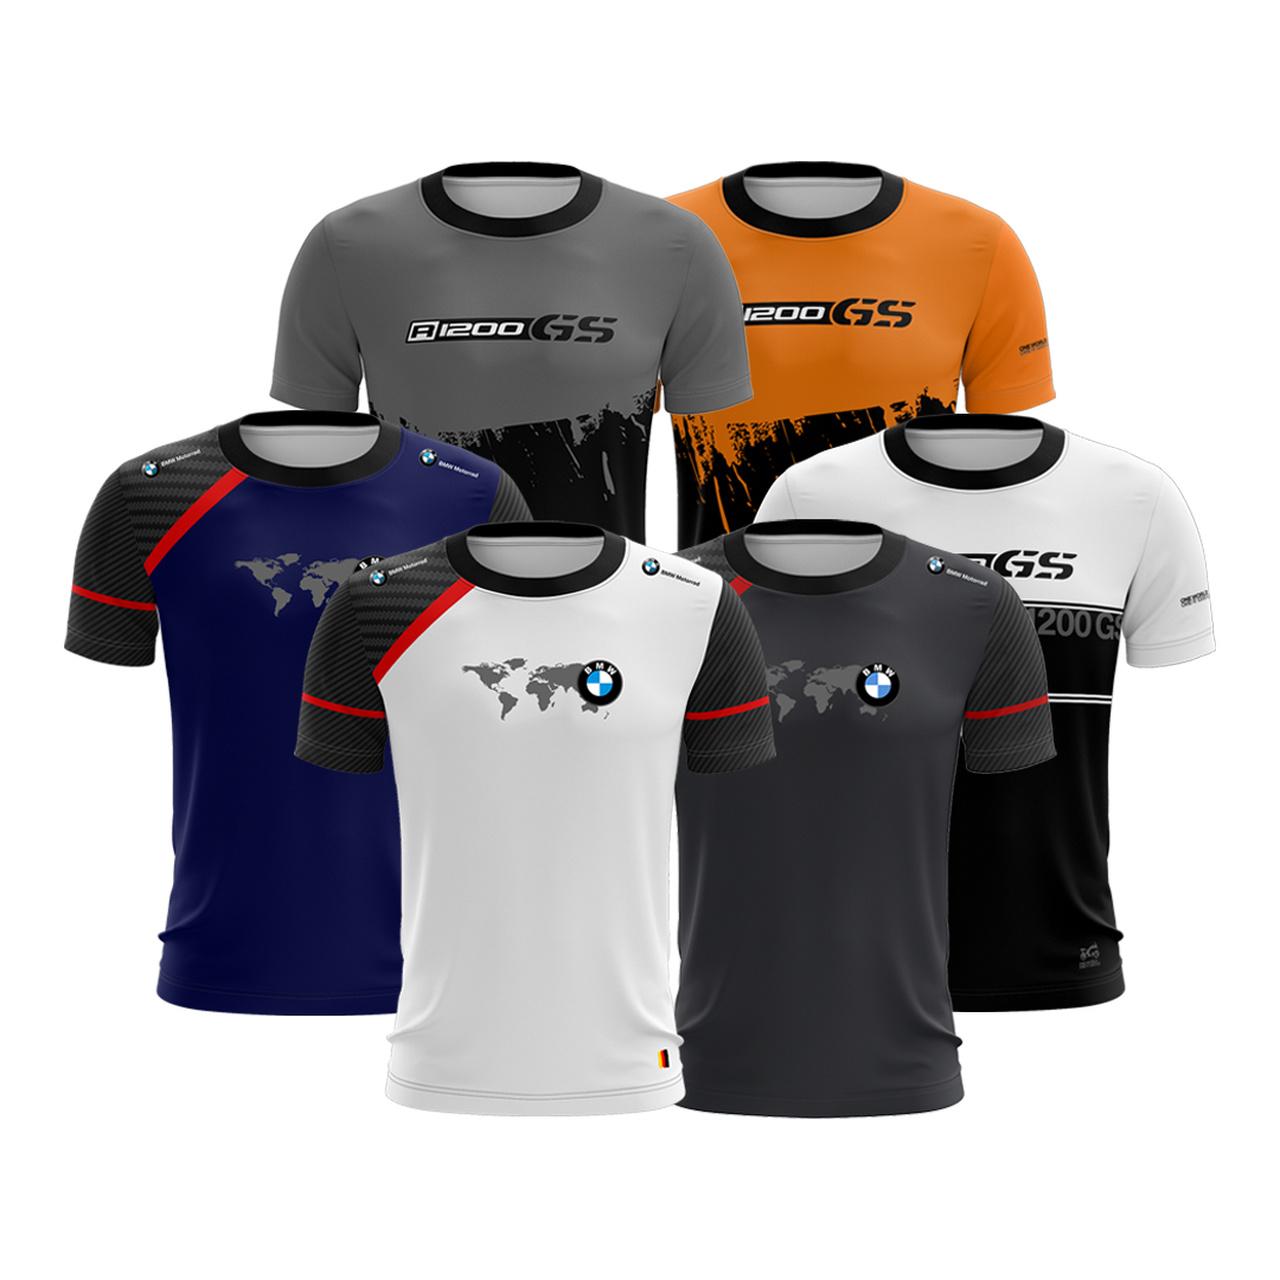 Kit 6 Camisetas Brk Motociclismo Casual BMW GS com UV50+